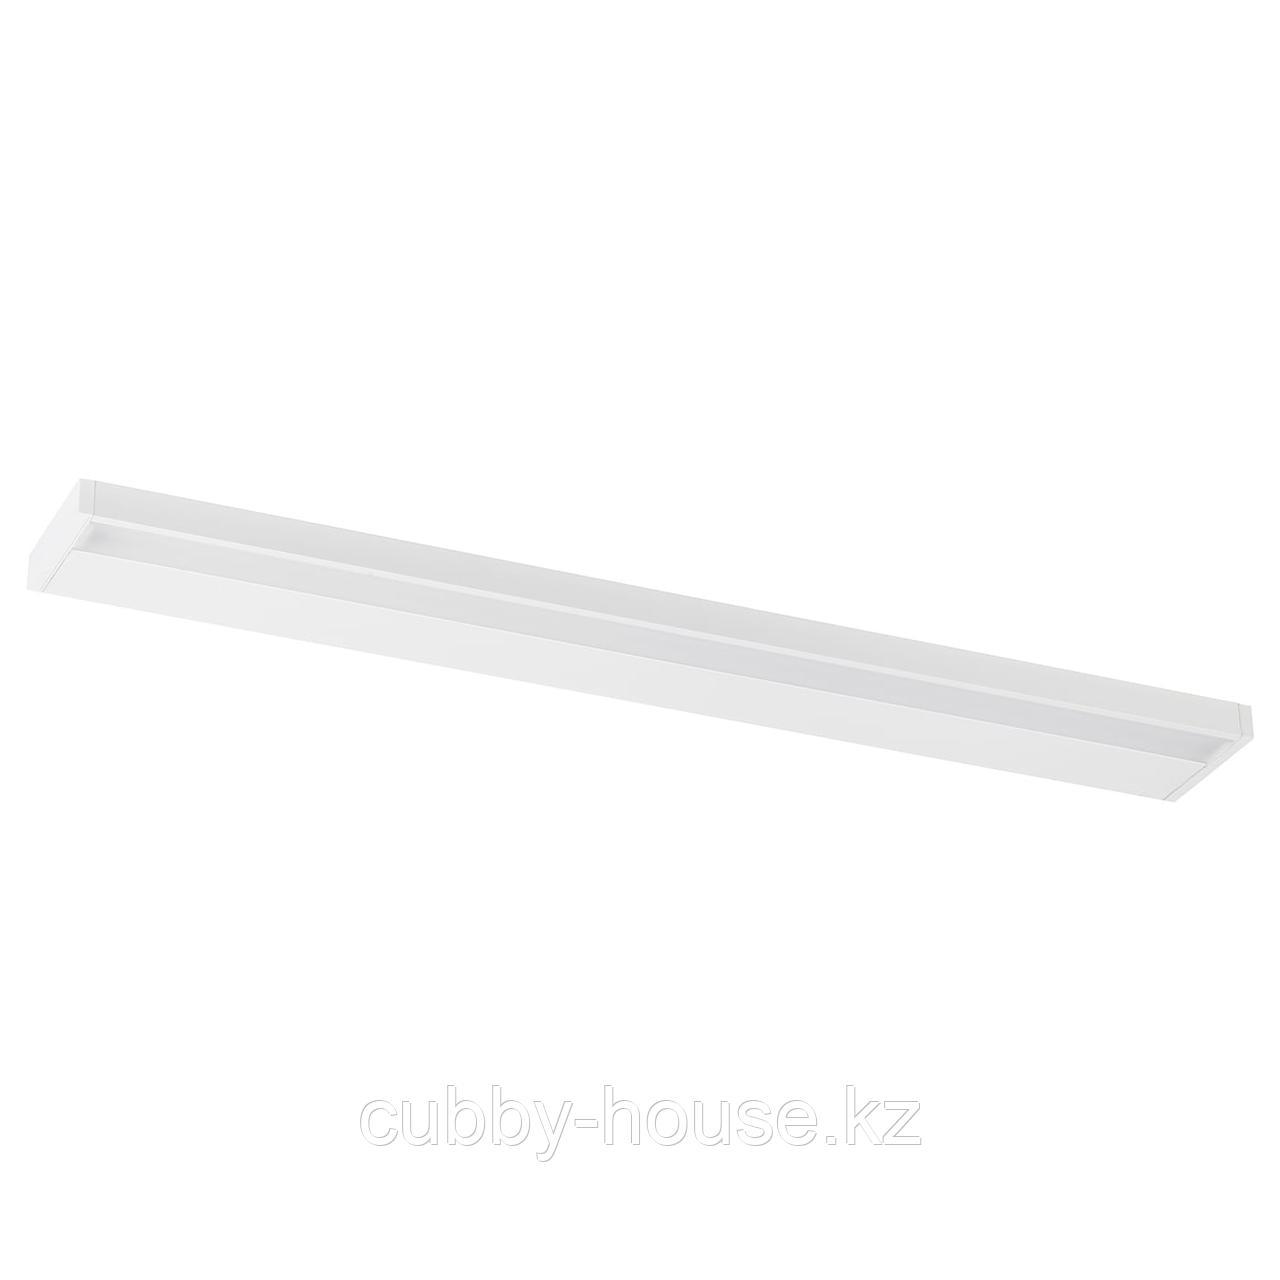 ГОДМОРГОН Светодиодная подсветка шкафа/стены, белый, 100 см